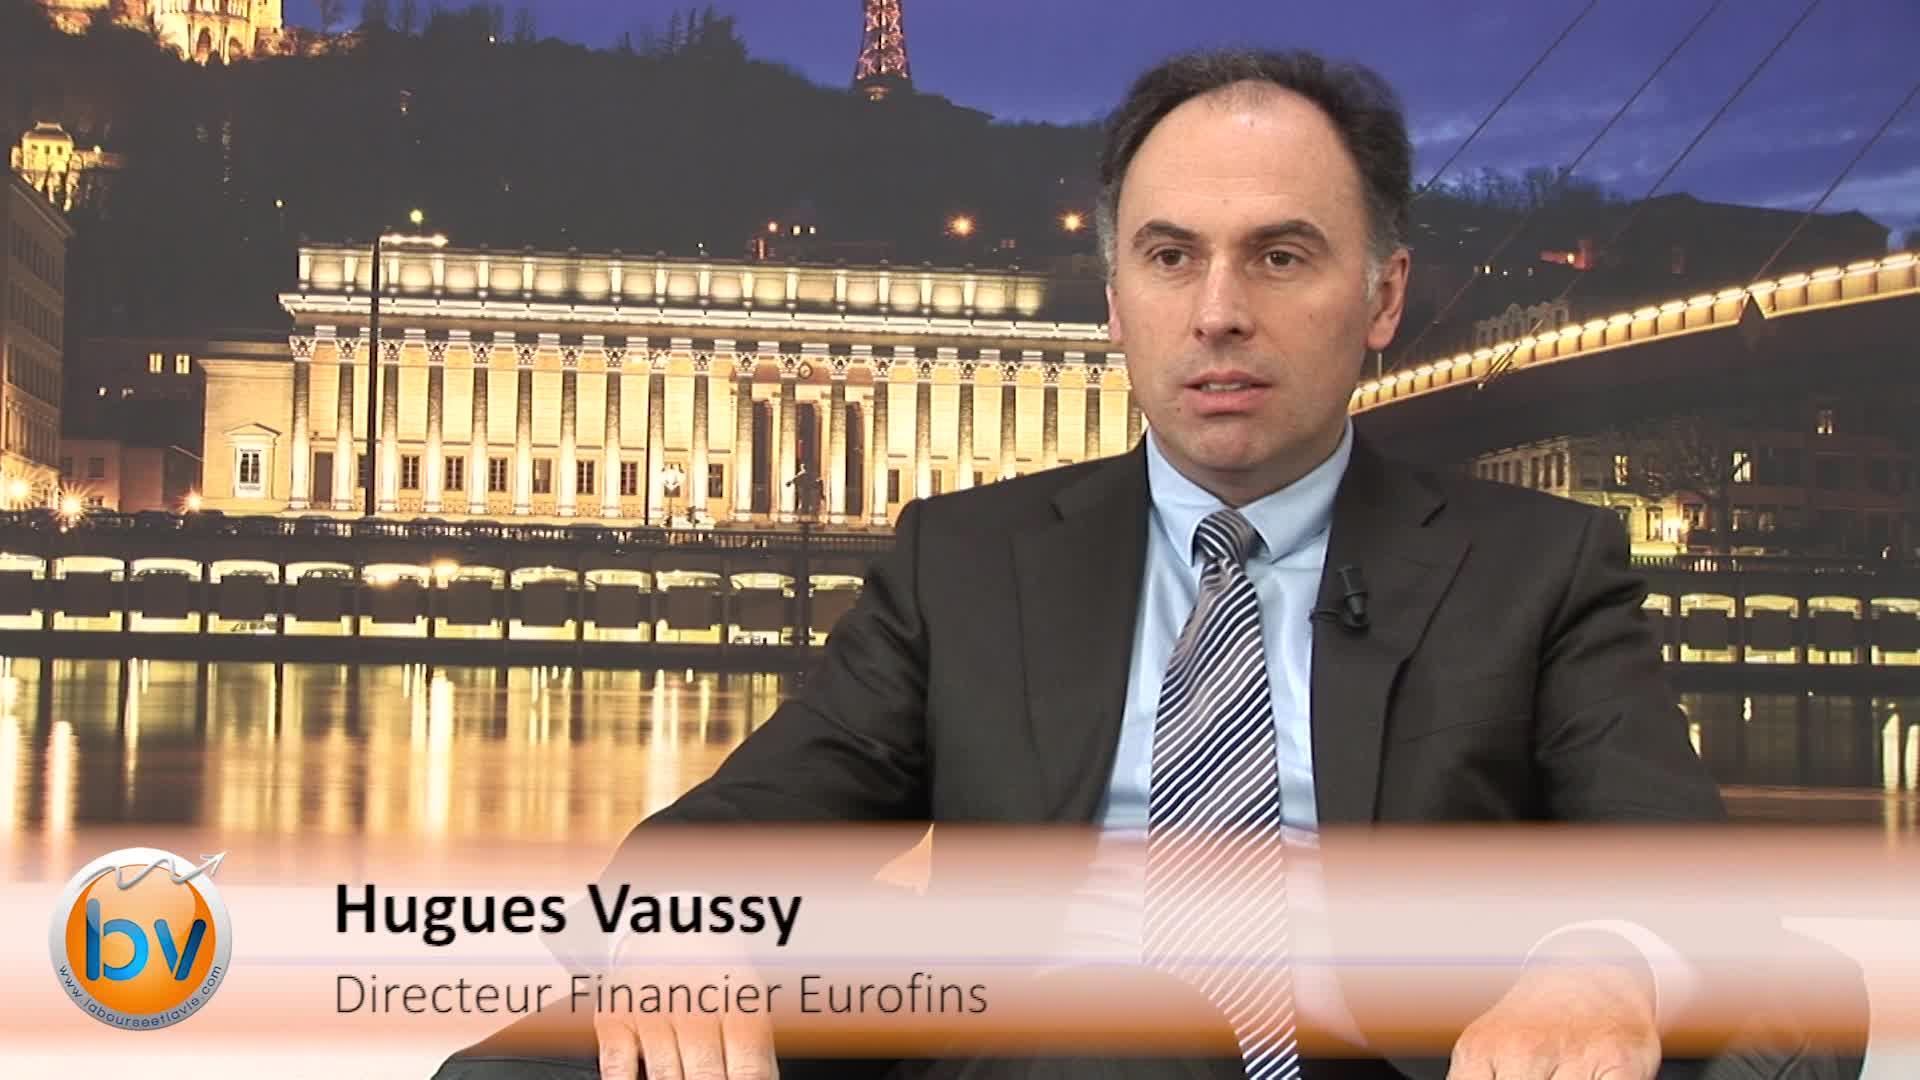 """Hugues Vaussy Directeur Financier Eurofins : """"Nous avons une position forte de liquidités pour nos futurs développements"""""""